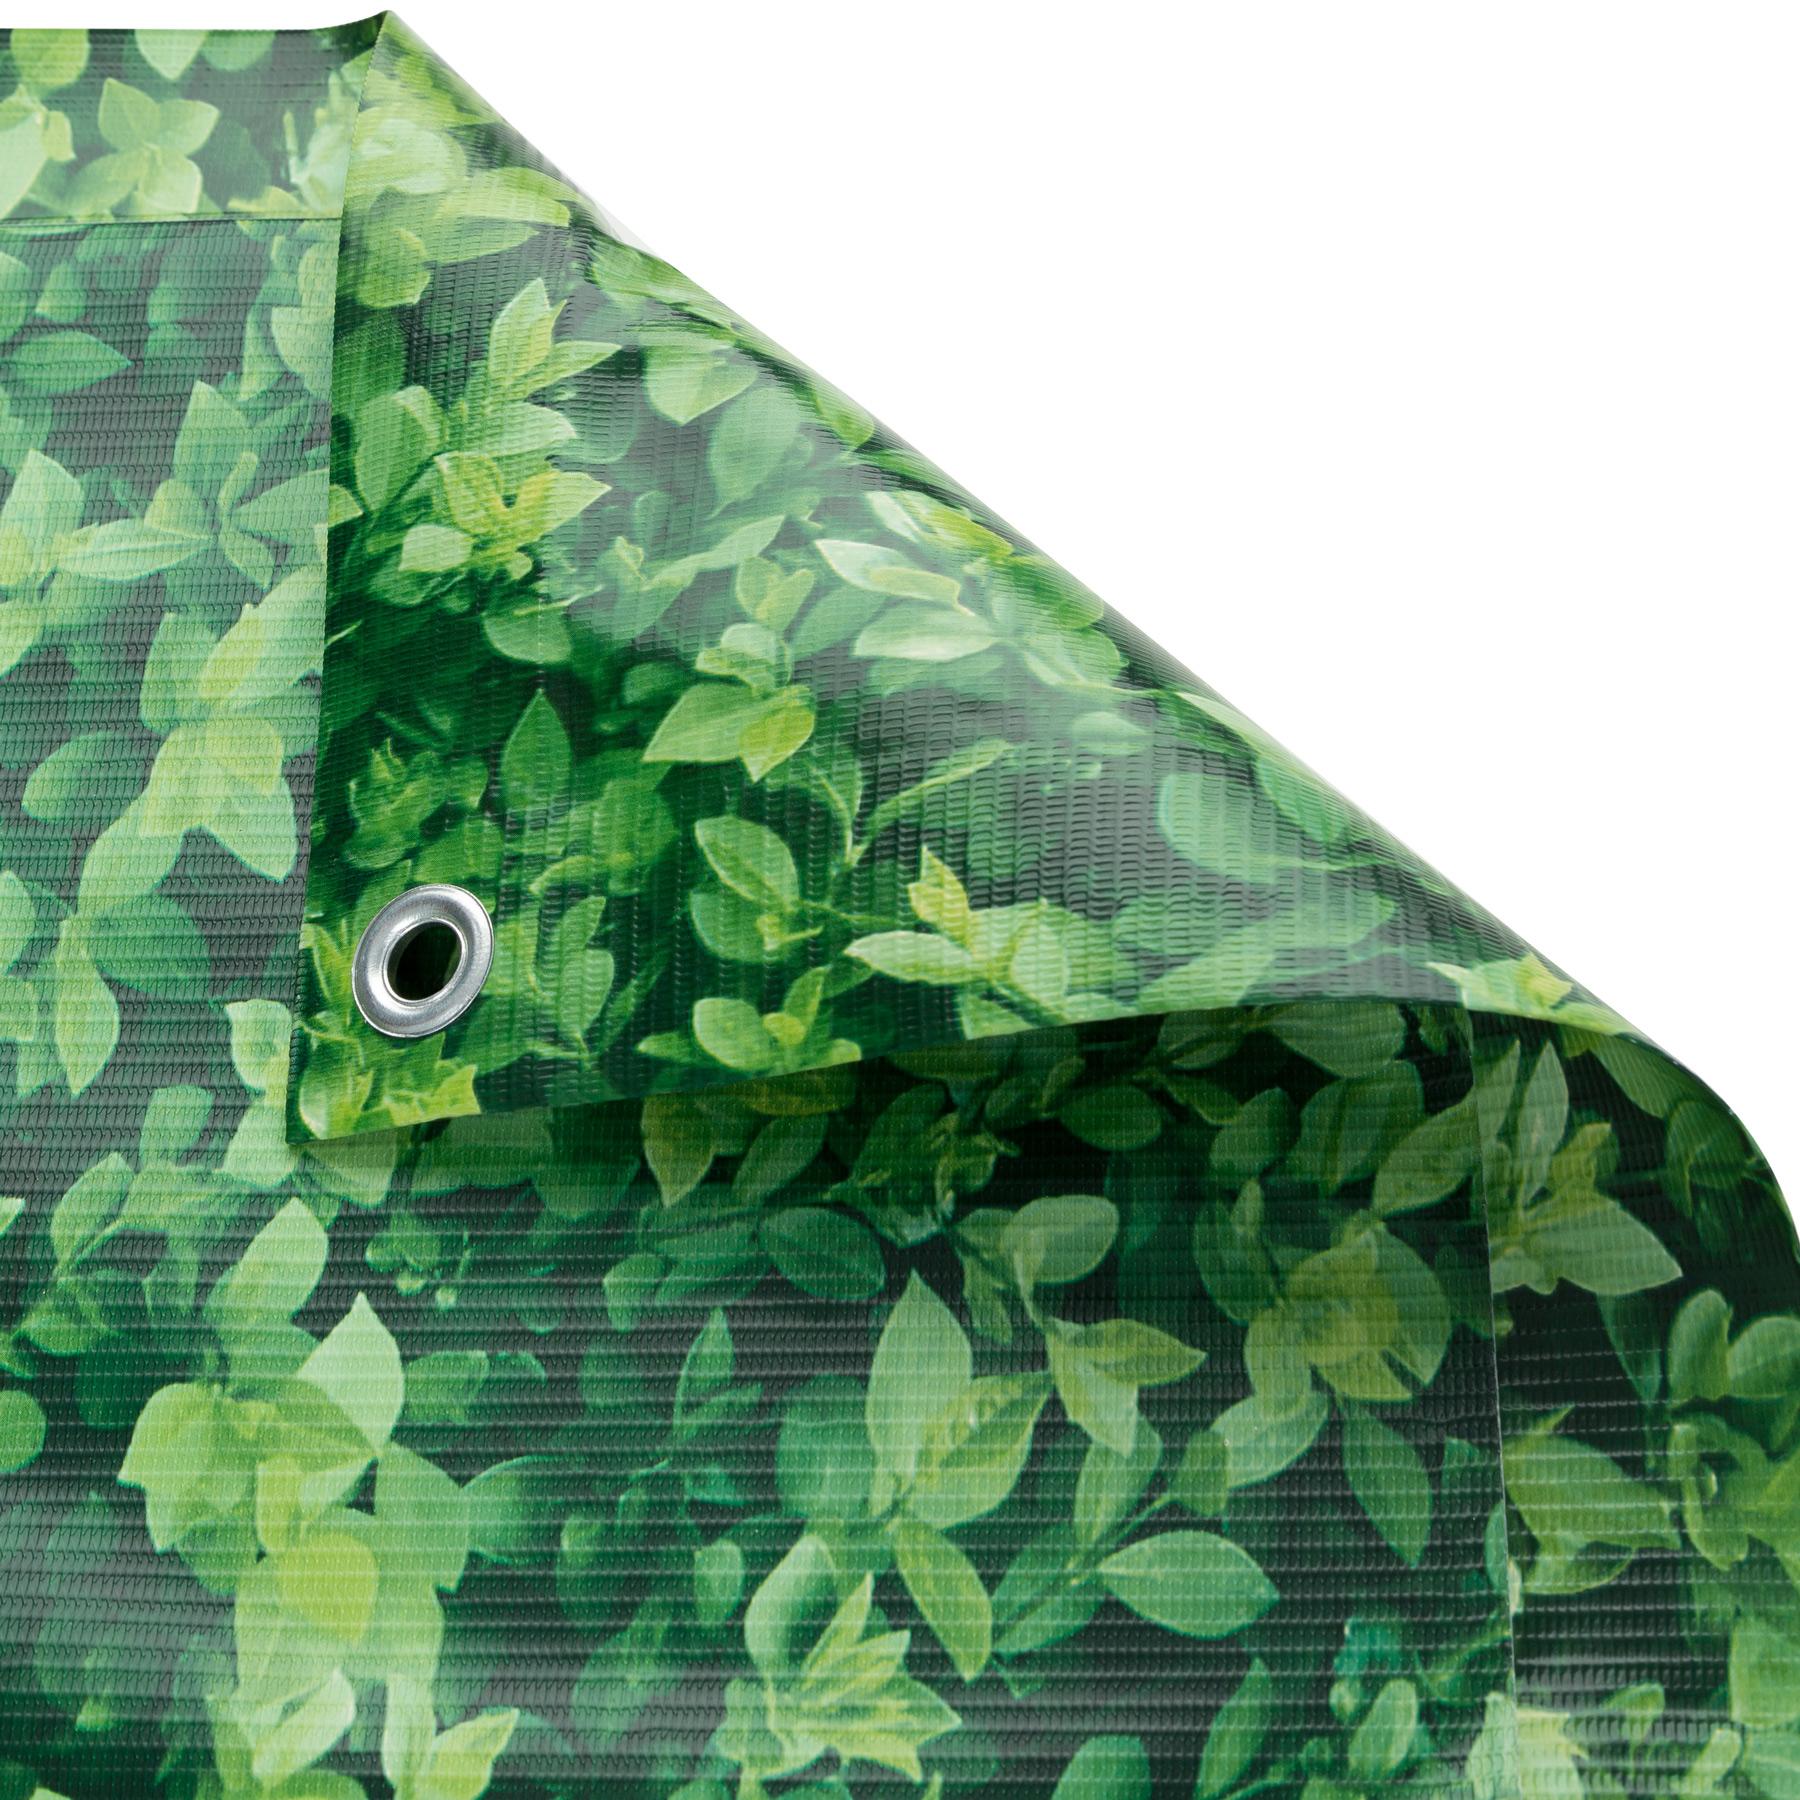 Balkon Sichtschutz, Version 1 - grünes Laub, 90 cm günstig online kaufen